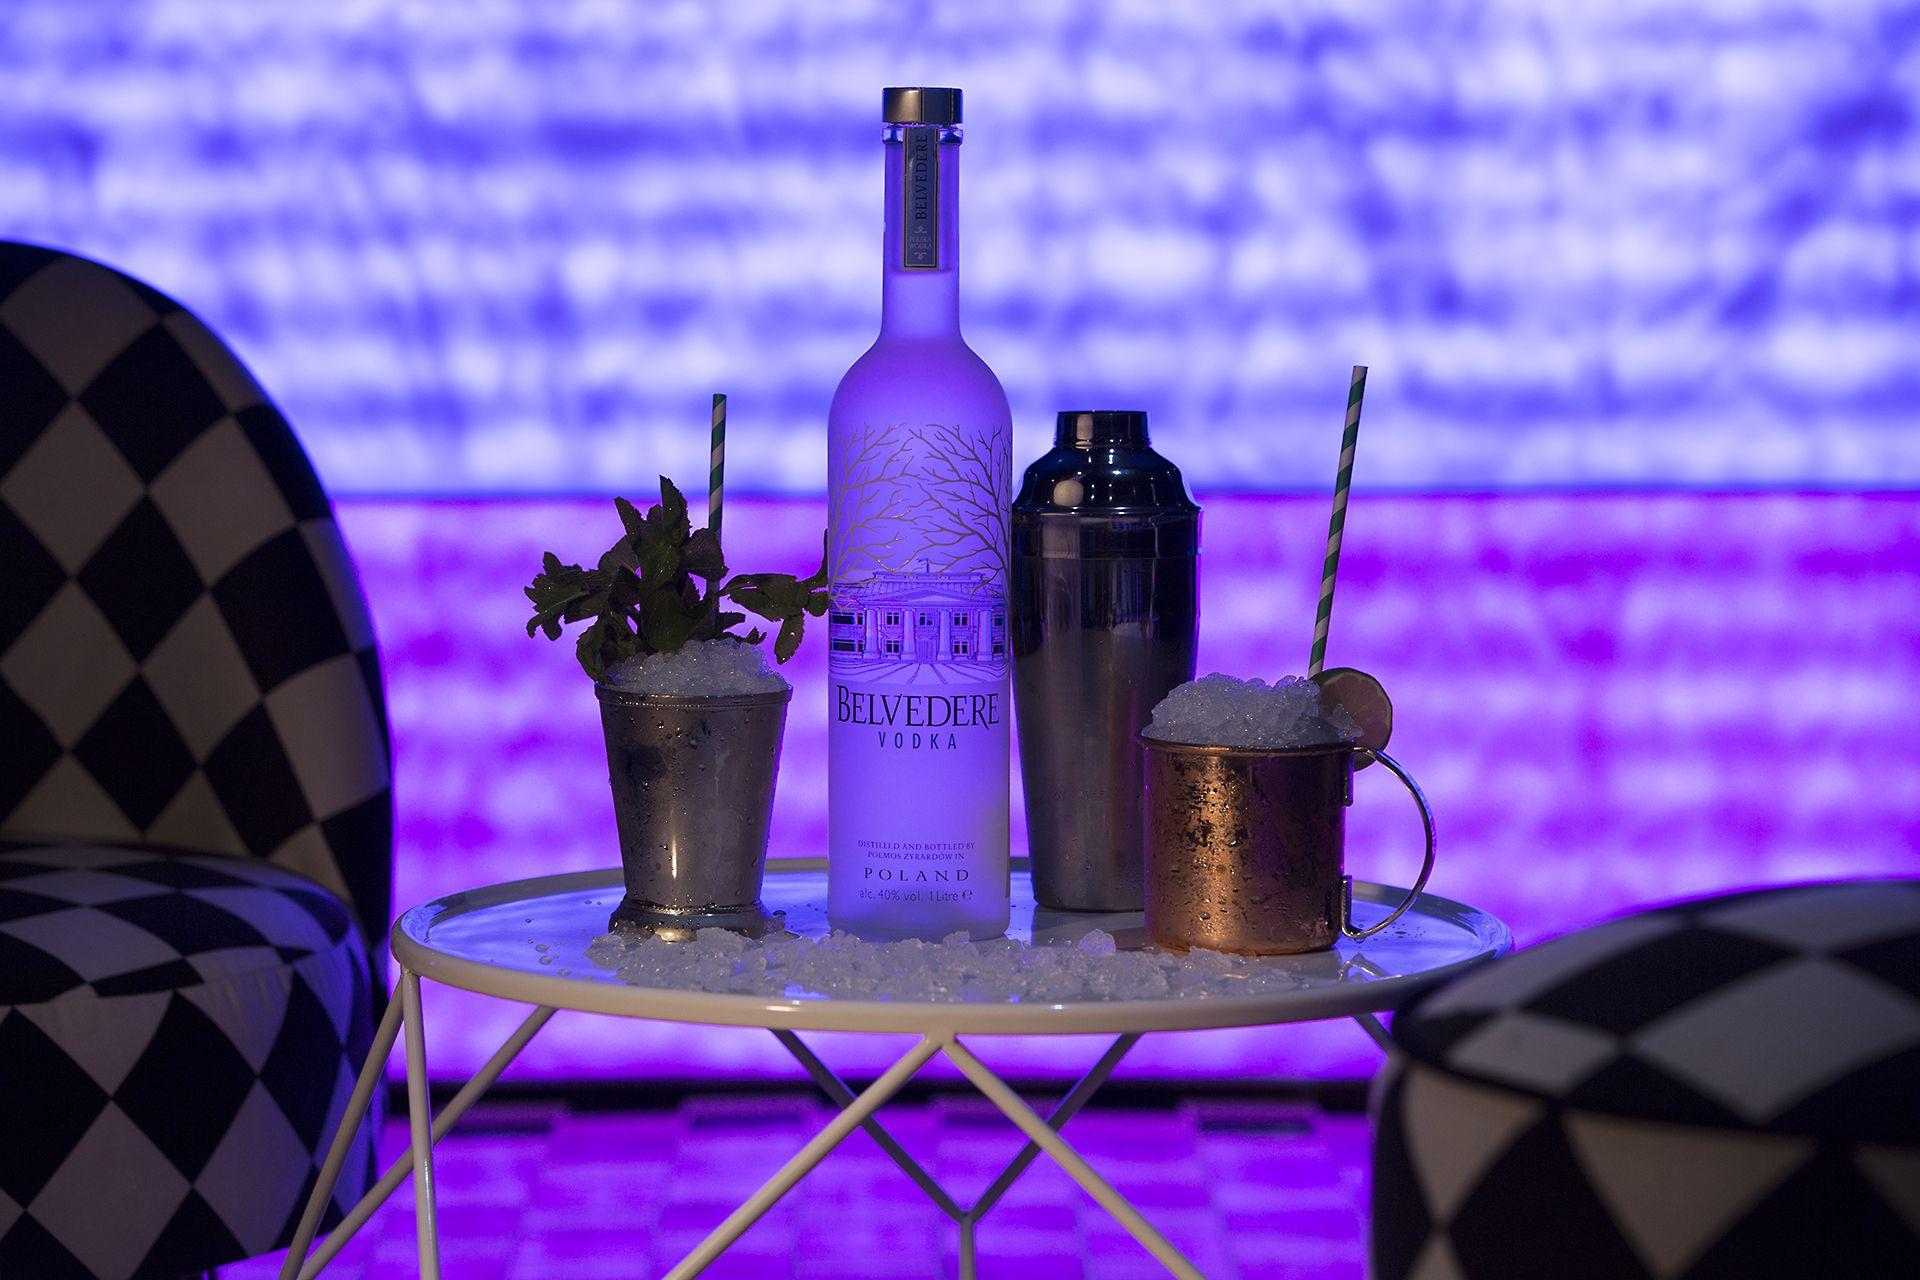 UbyUniworld_TheB_ICEbar_2 Paris - roteiro de lua de mel exclusivo para o público jovem | Lua de Mel